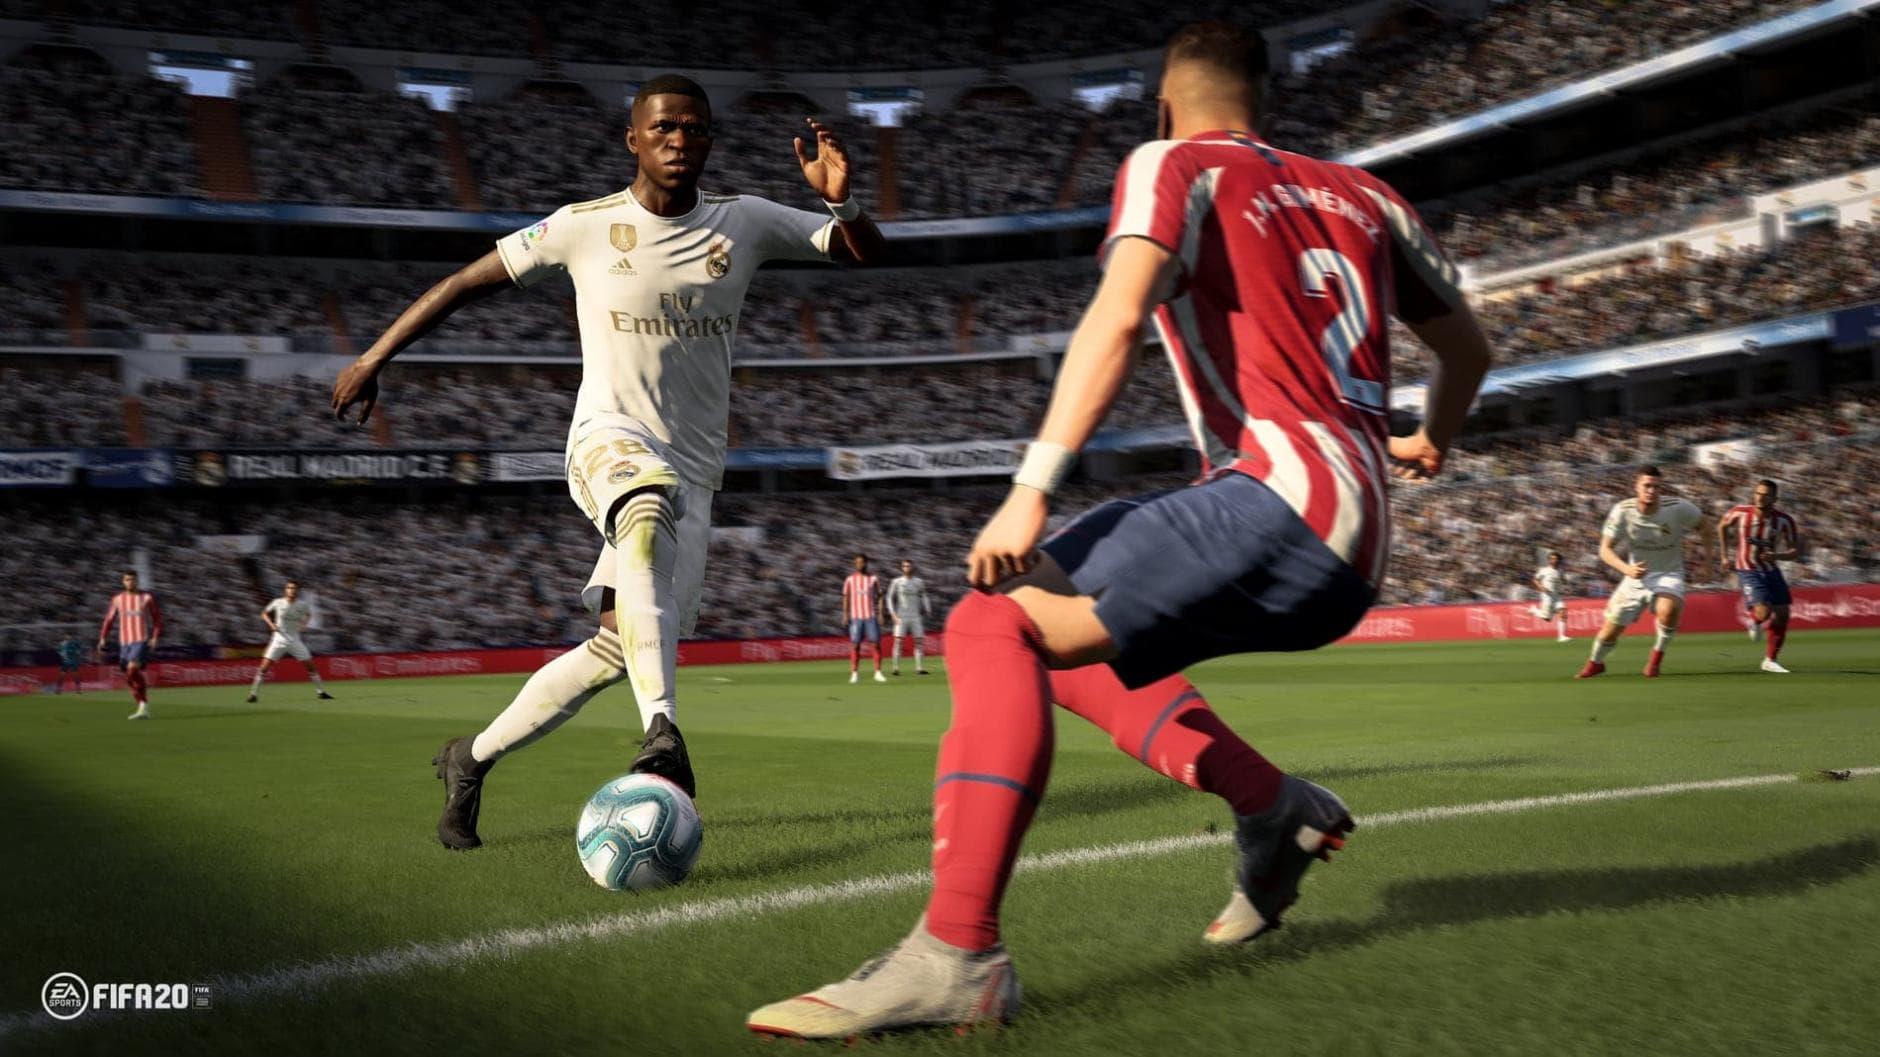 FIFA 20 Vinicius Gameplay